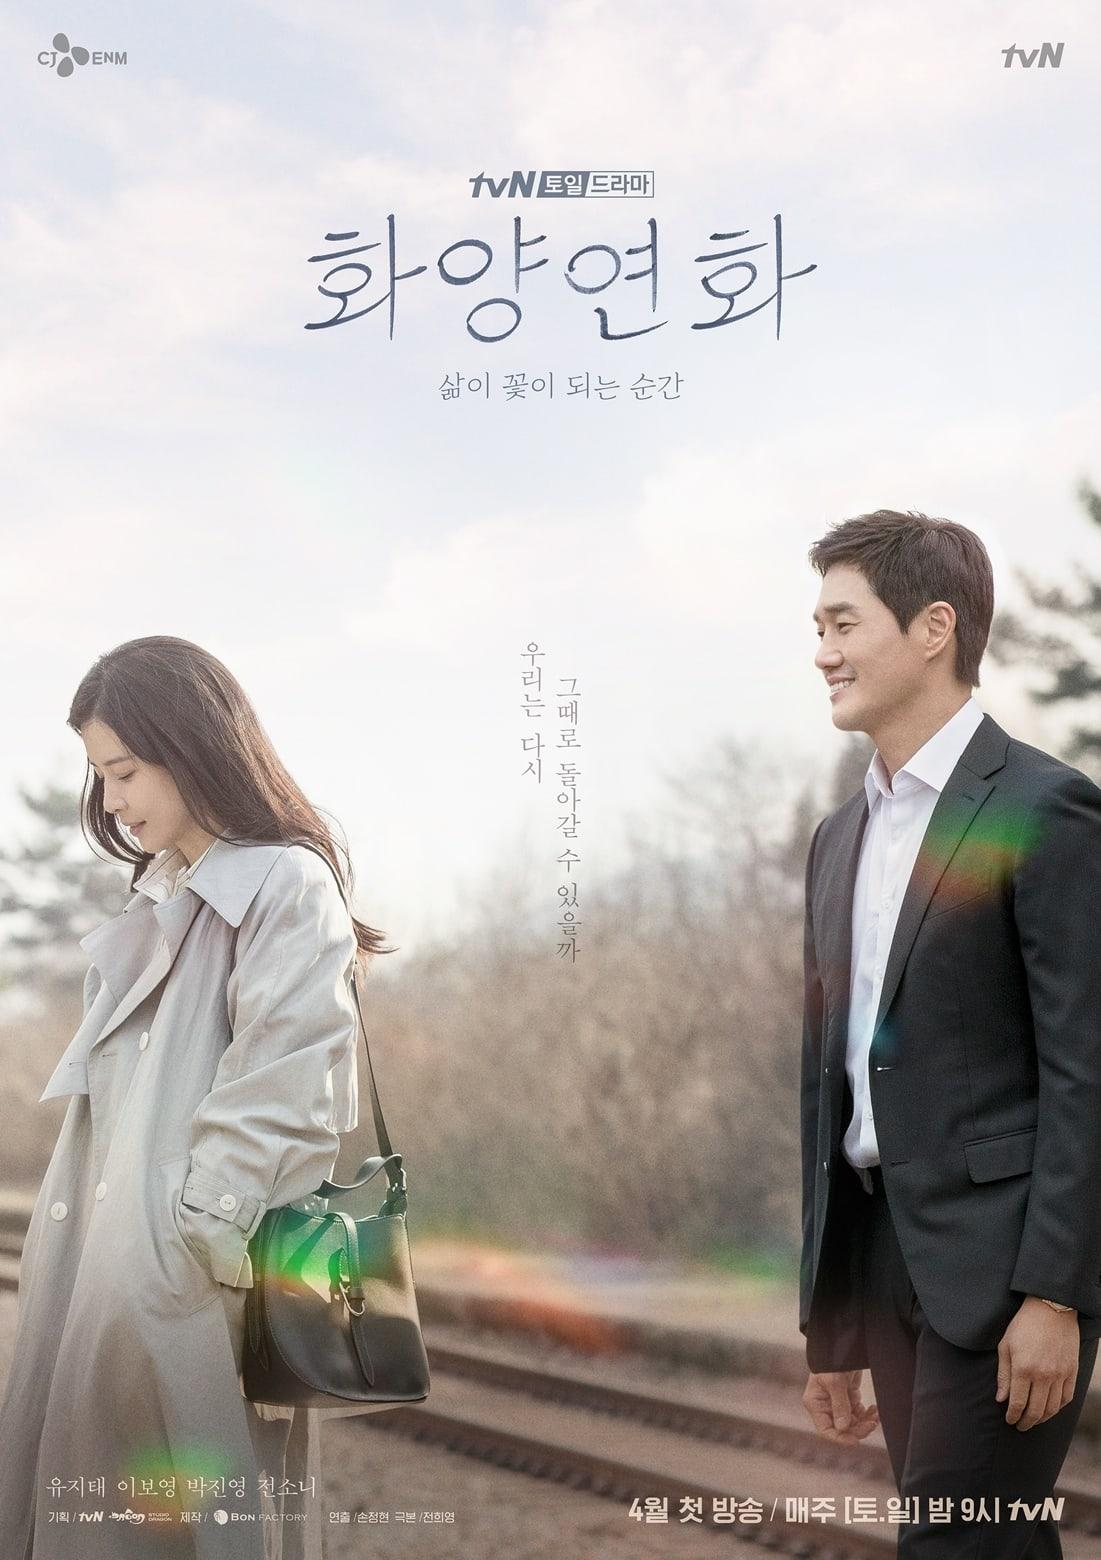 """2020 When My Love Blooms الدراما الكورية """"عندما يزهر حبي"""". تقرير عن الدراما + الأبطال + جميع الحلقات مترجمة أونلاين . مسلسل عندما يزهر حبي الكوري."""